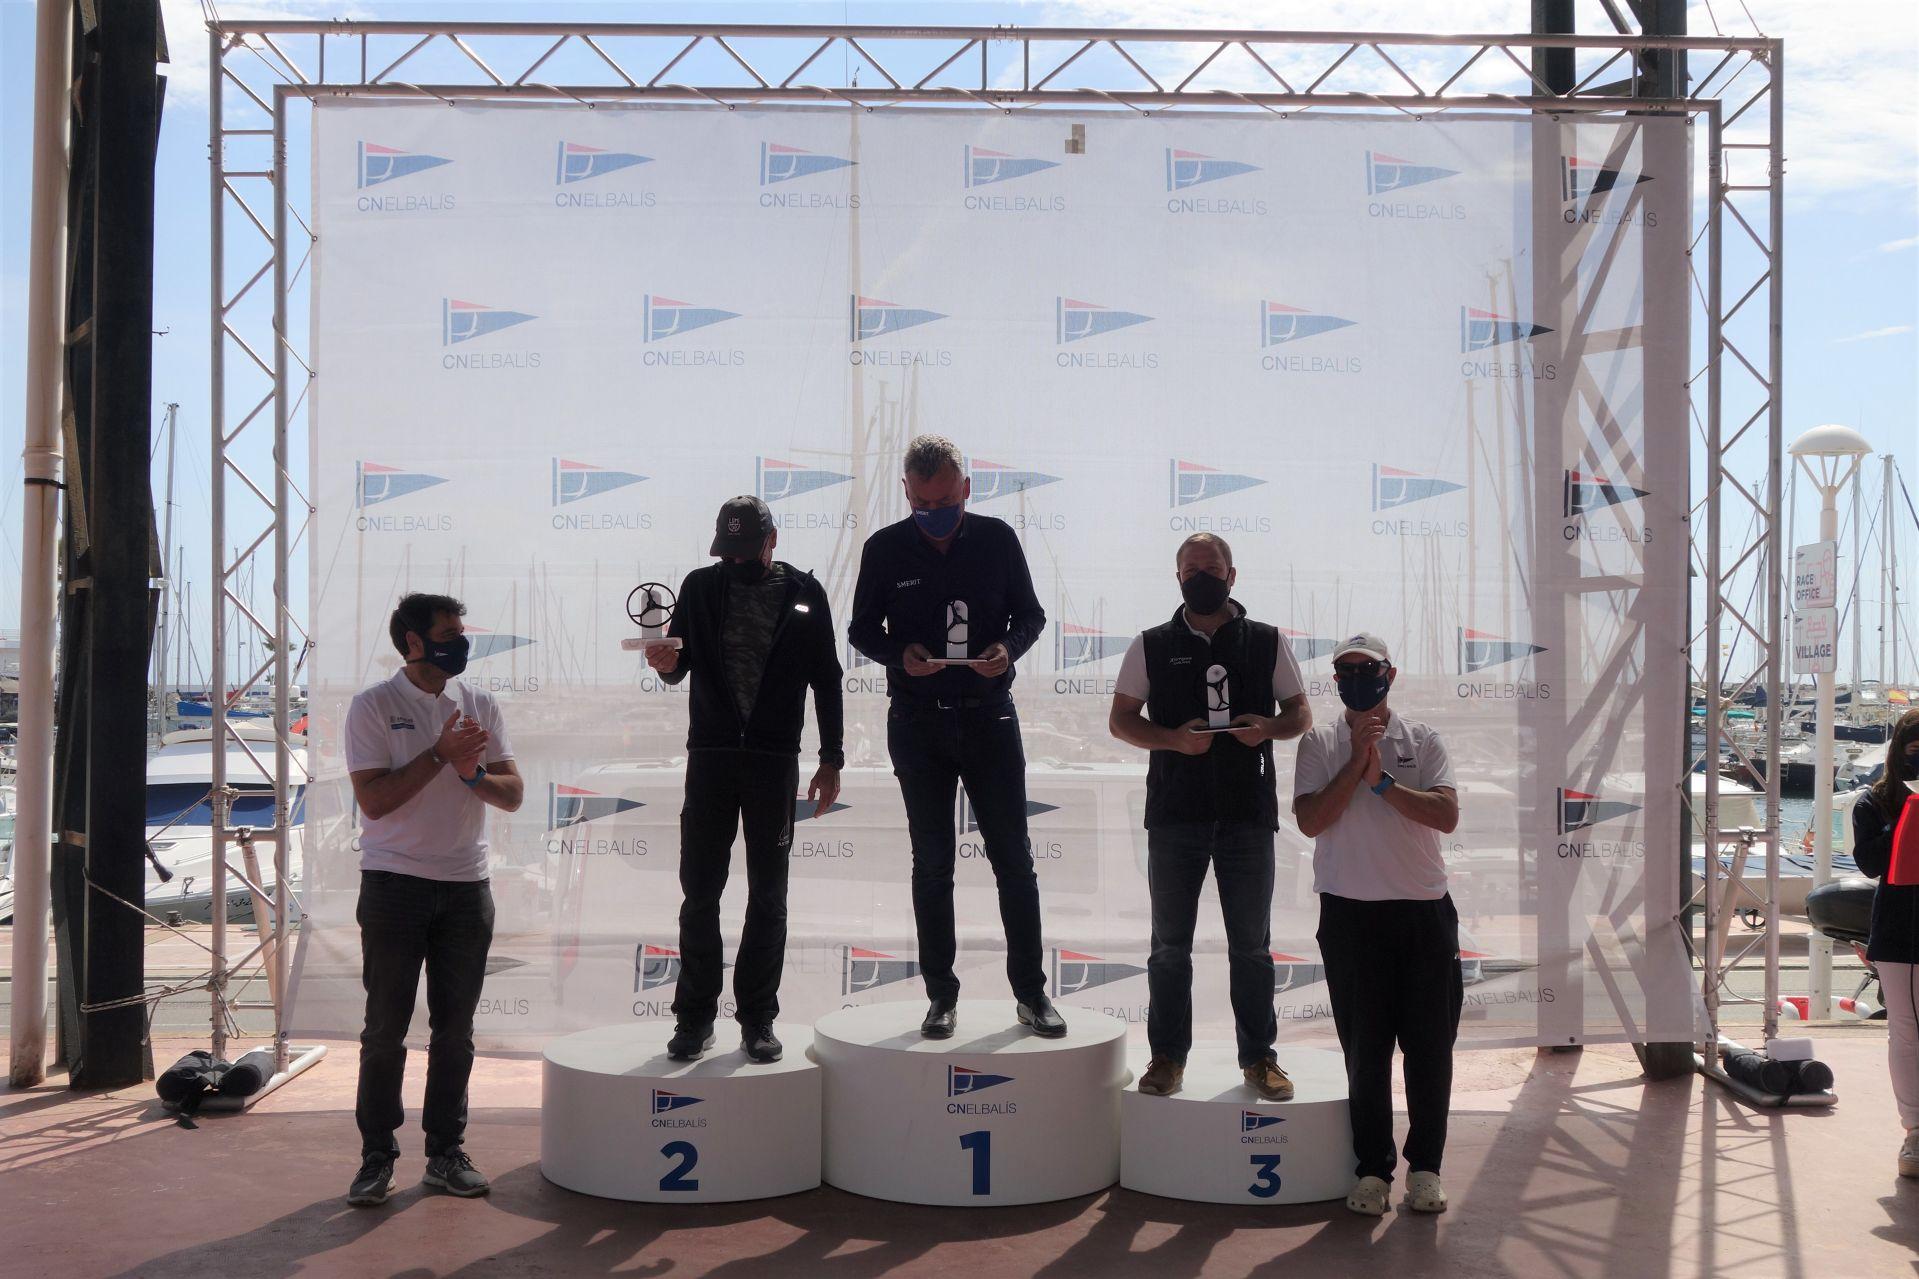 SMERIT i KORRIGAN primer i tercer a la 21ena edició de La Dragonera